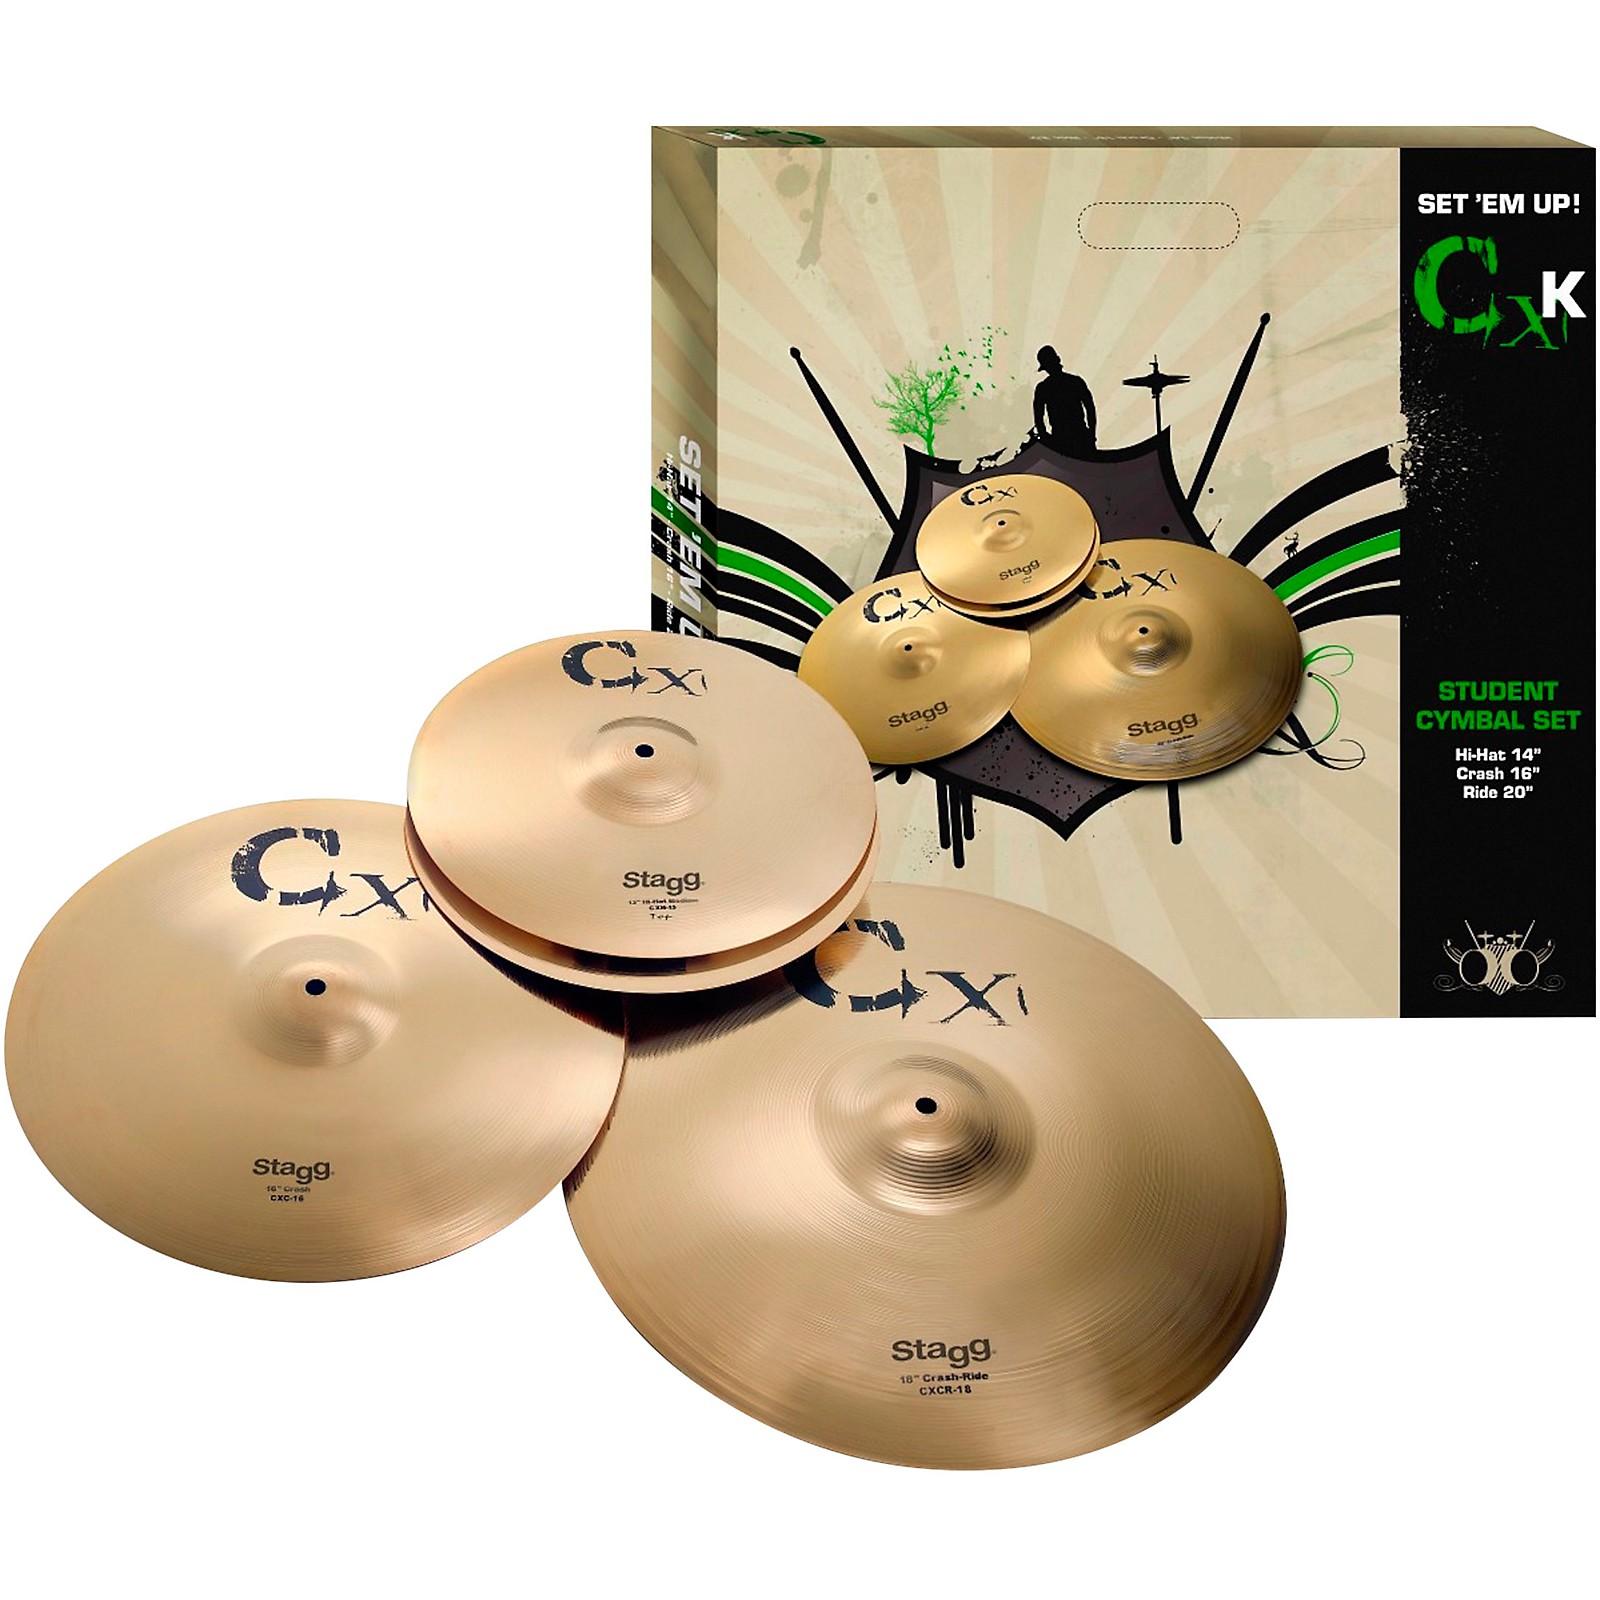 Stagg CXK Cymbal Set